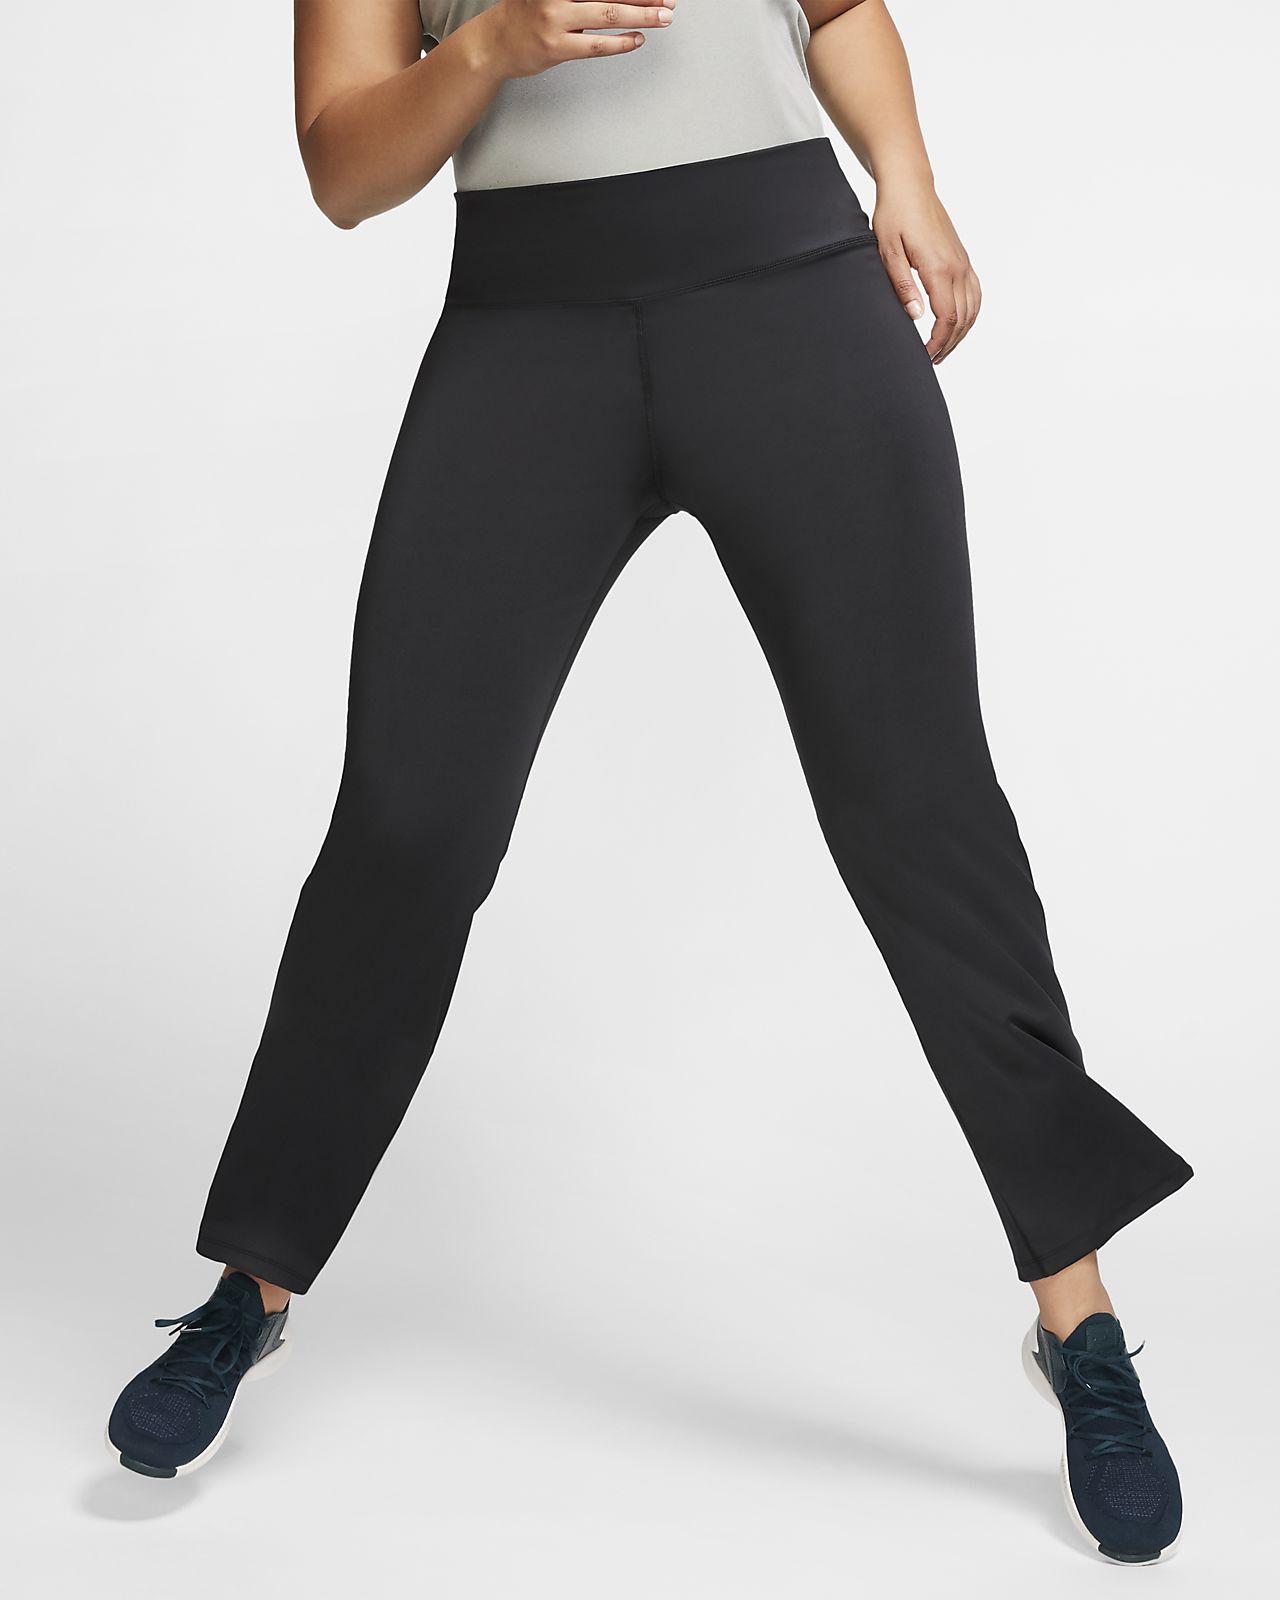 Pantalones de entrenamiento para mujer Nike Power (talla grande)